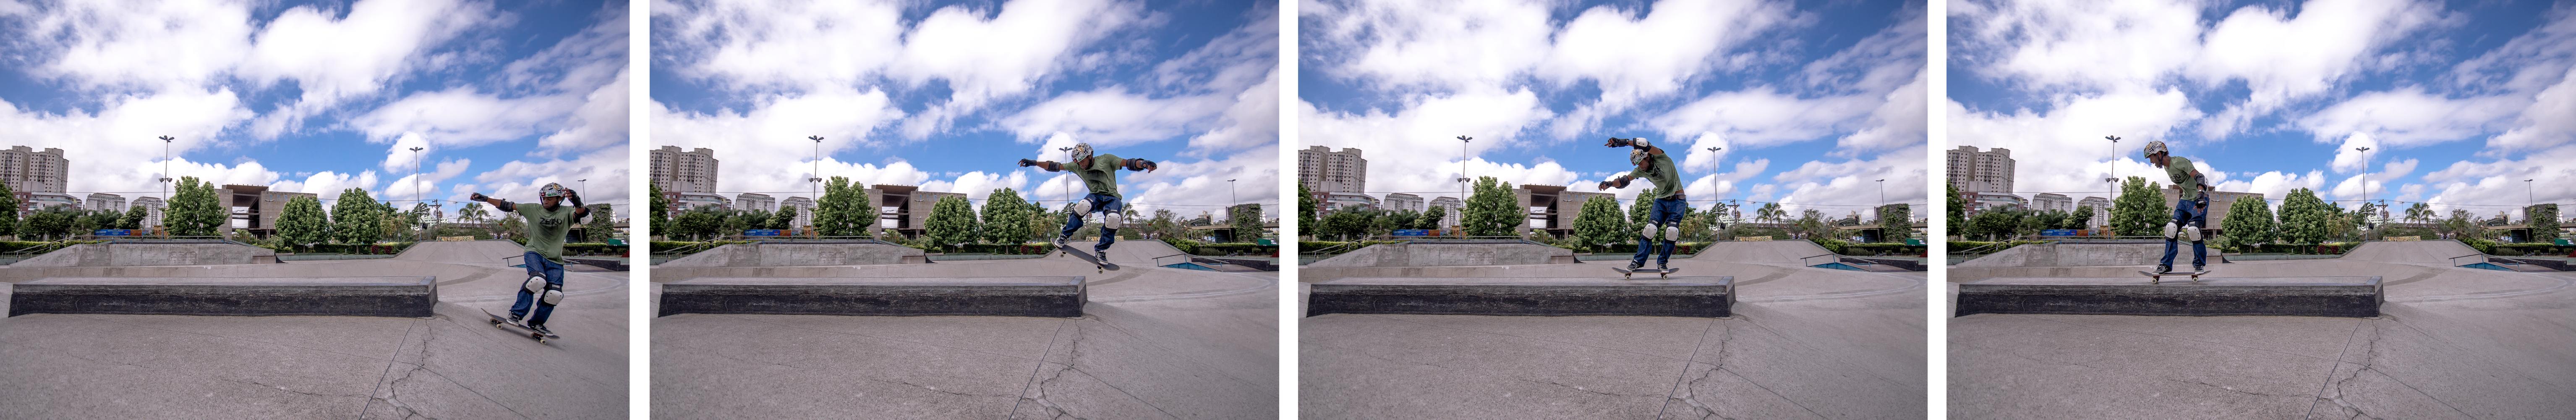 Skate-sequencia1